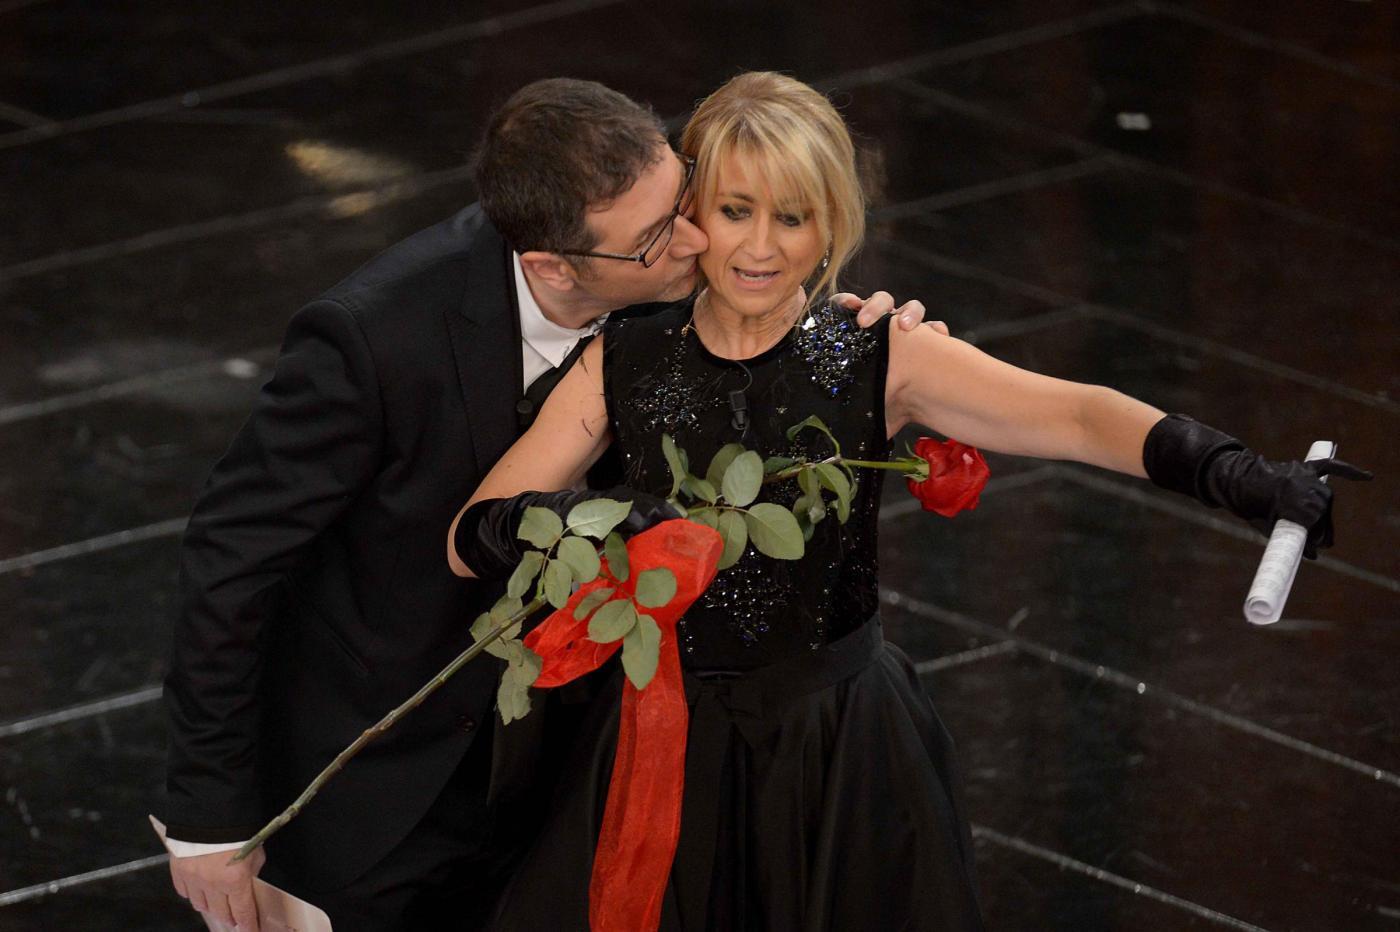 Ascolti tv martedì 12 febbraio 2013: la prima serata di Sanremo polverizza le altre reti